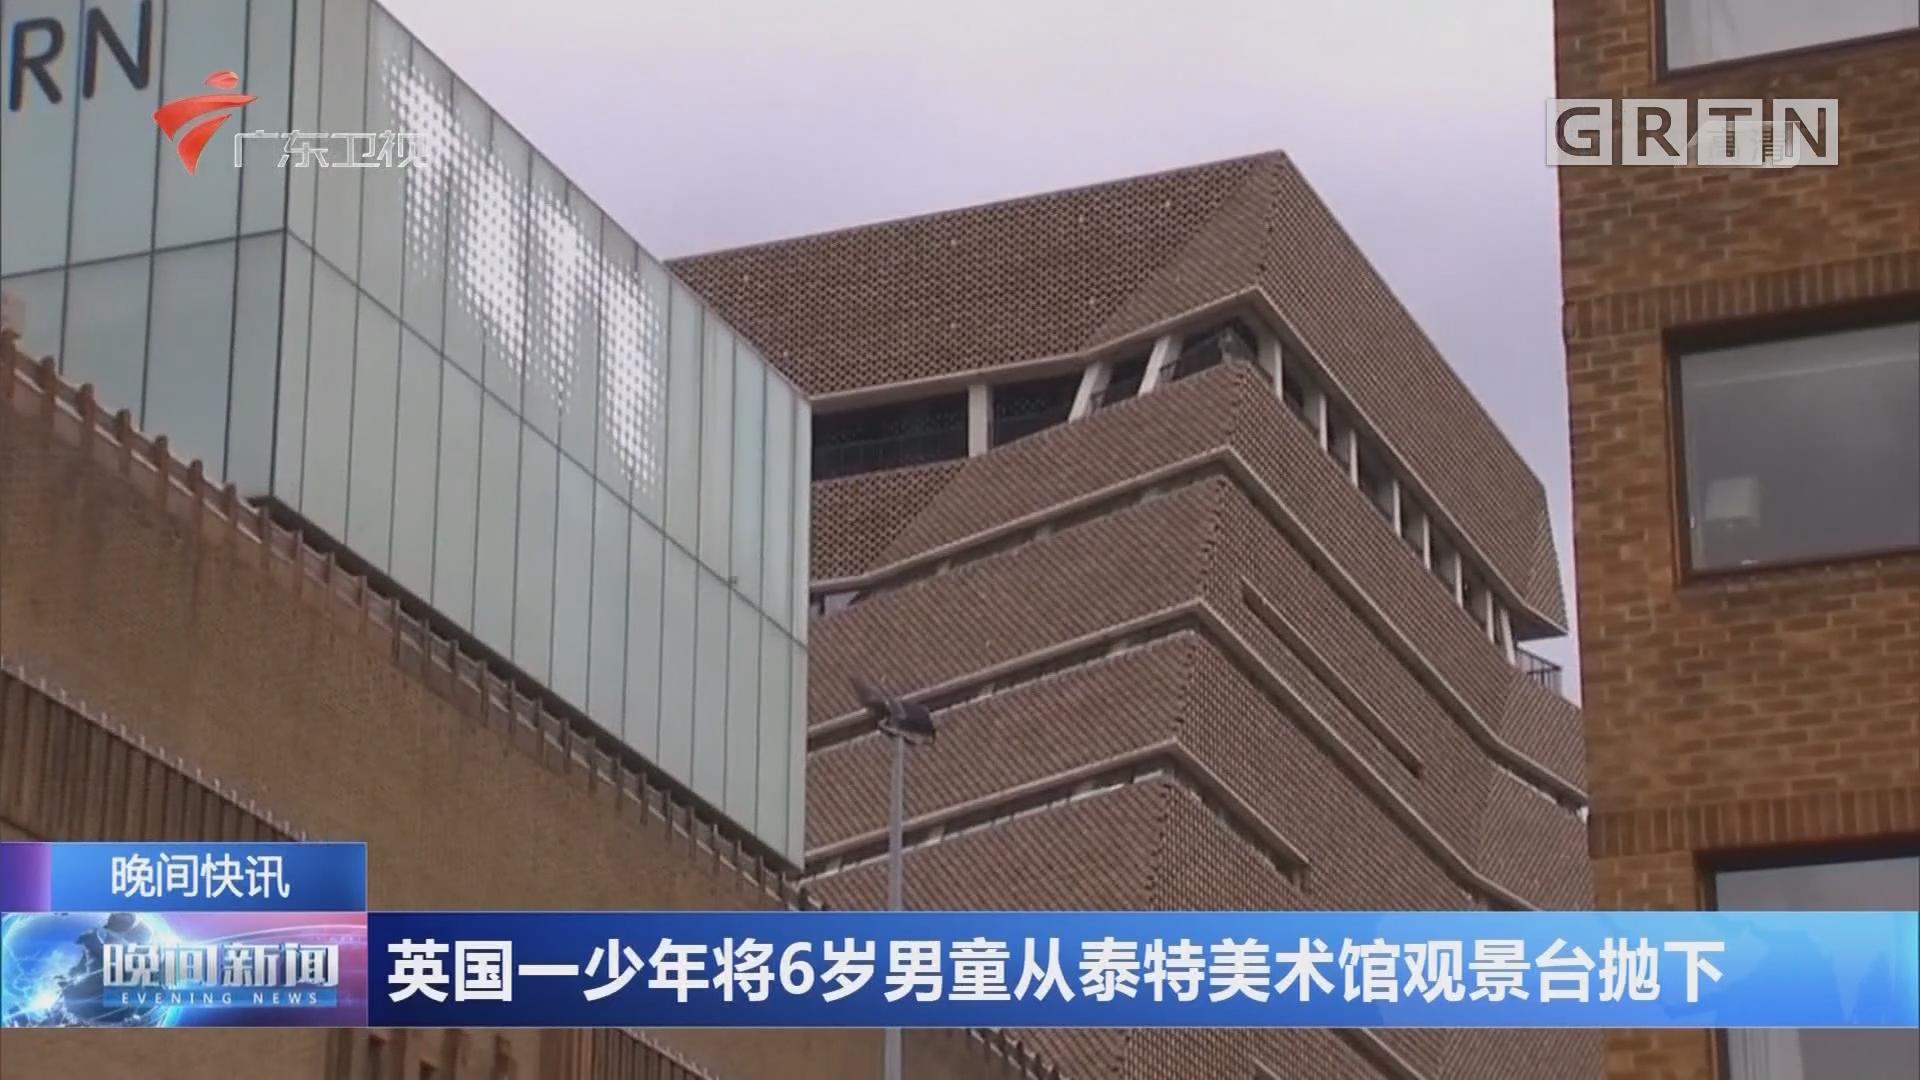 英国一少年将6岁男童从泰特美术馆观景台抛下